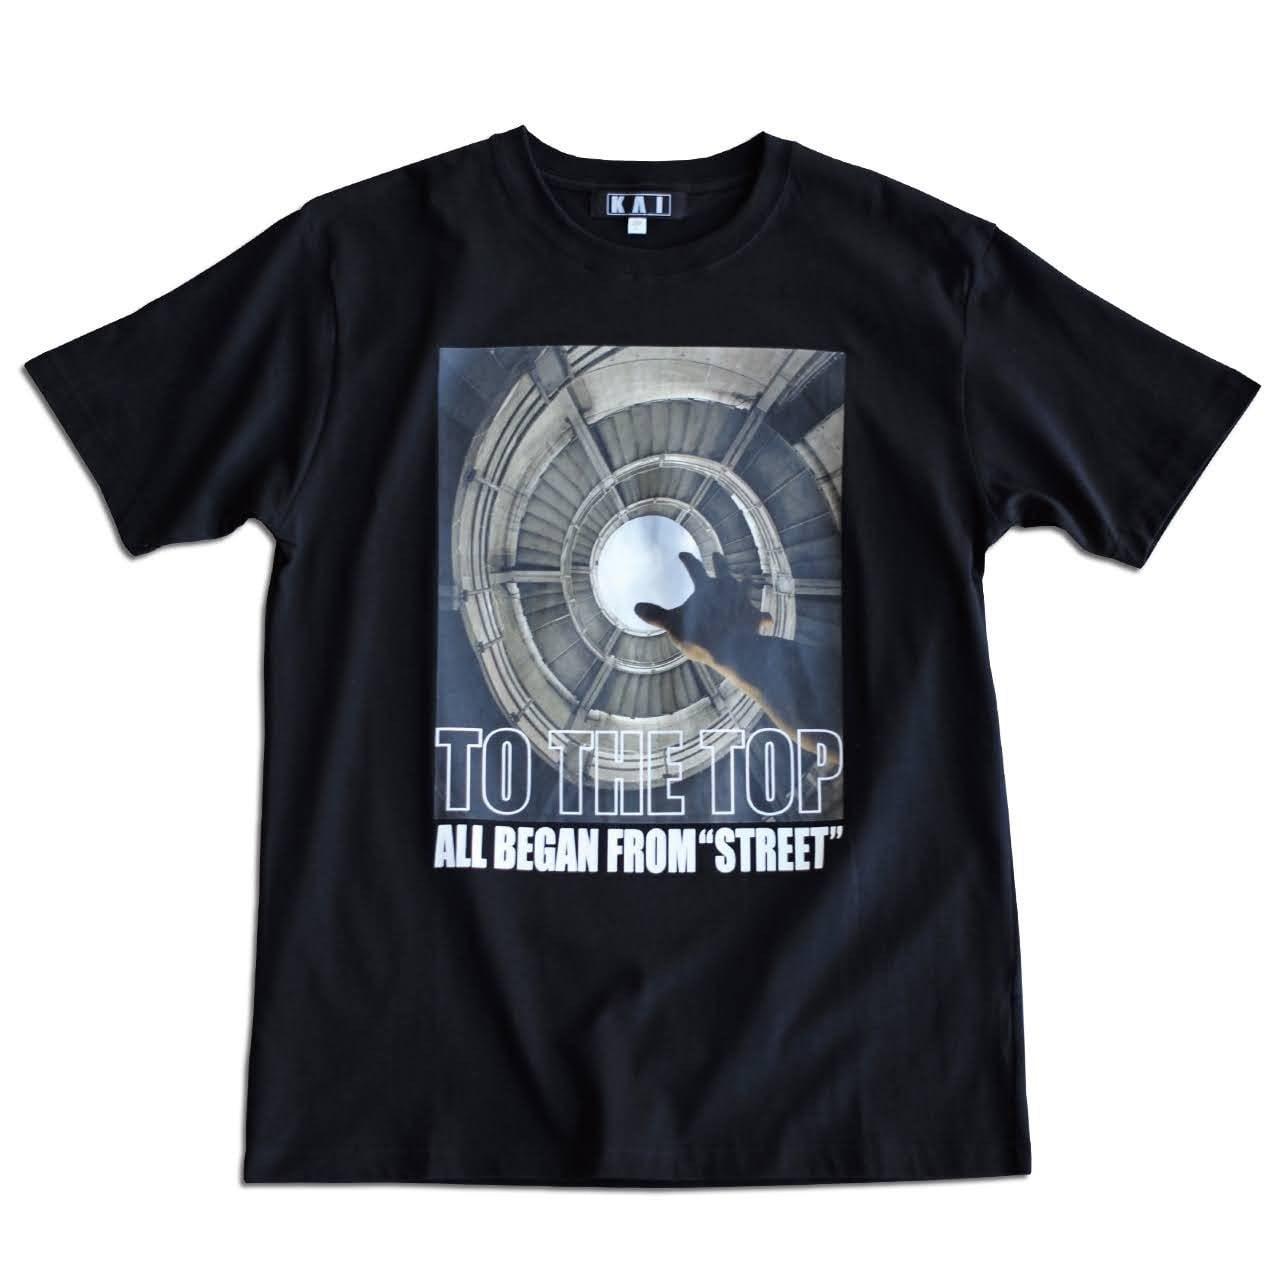 応援Tシャツ.TS04 Black